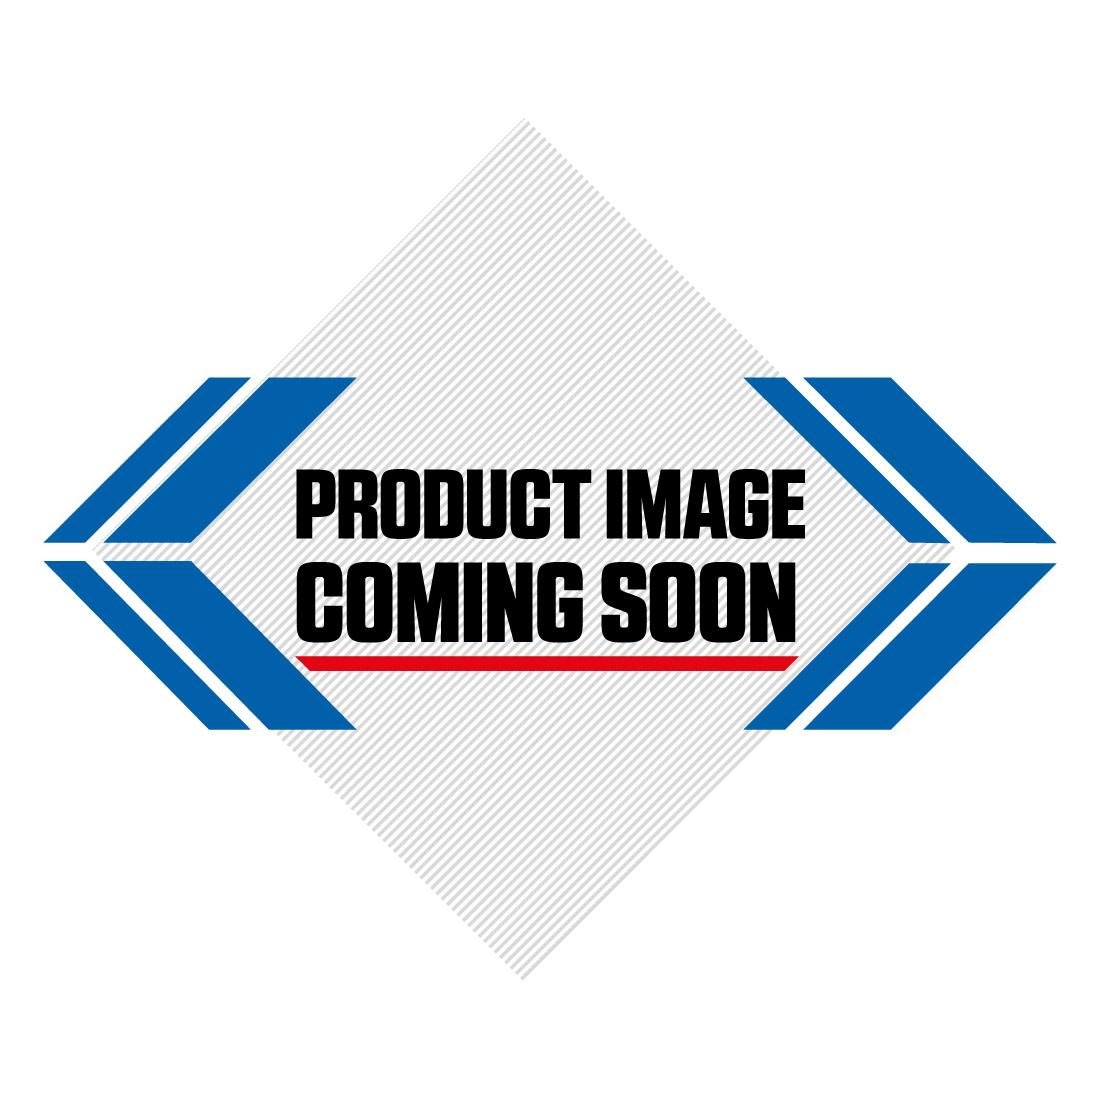 Husqvarna Plastic Kit OEM Factory Image-3>